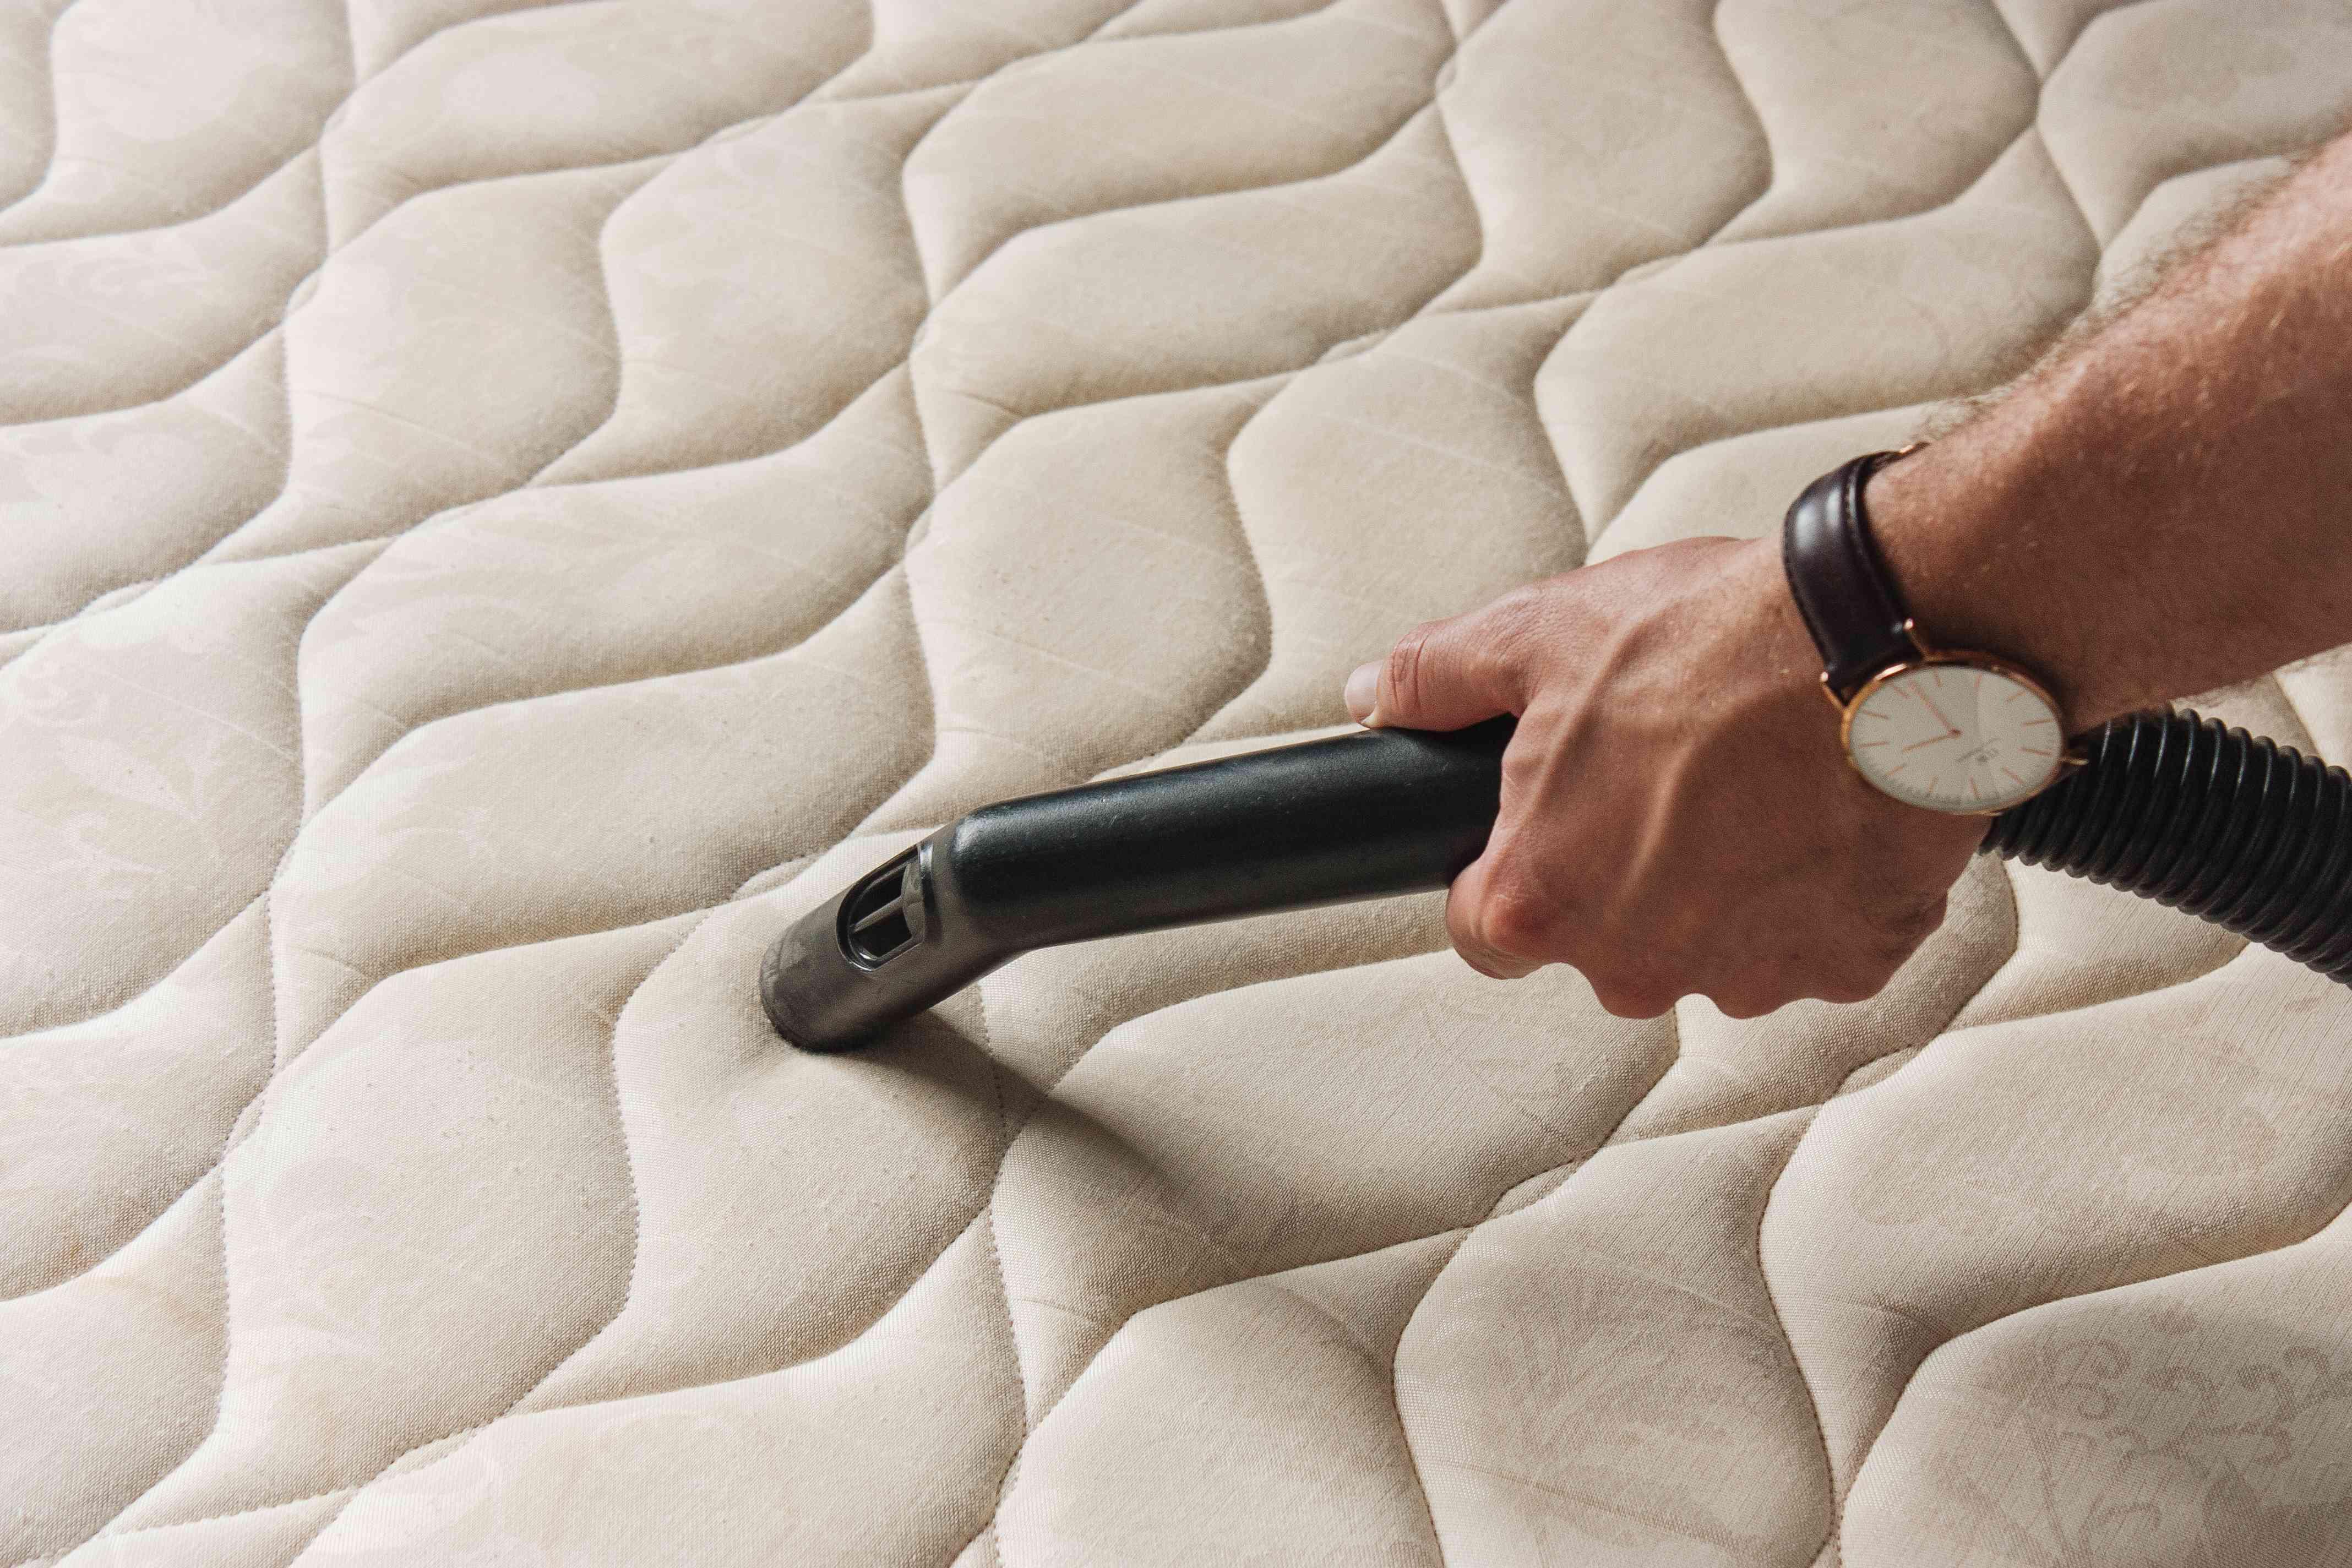 person vacuuming a mattress